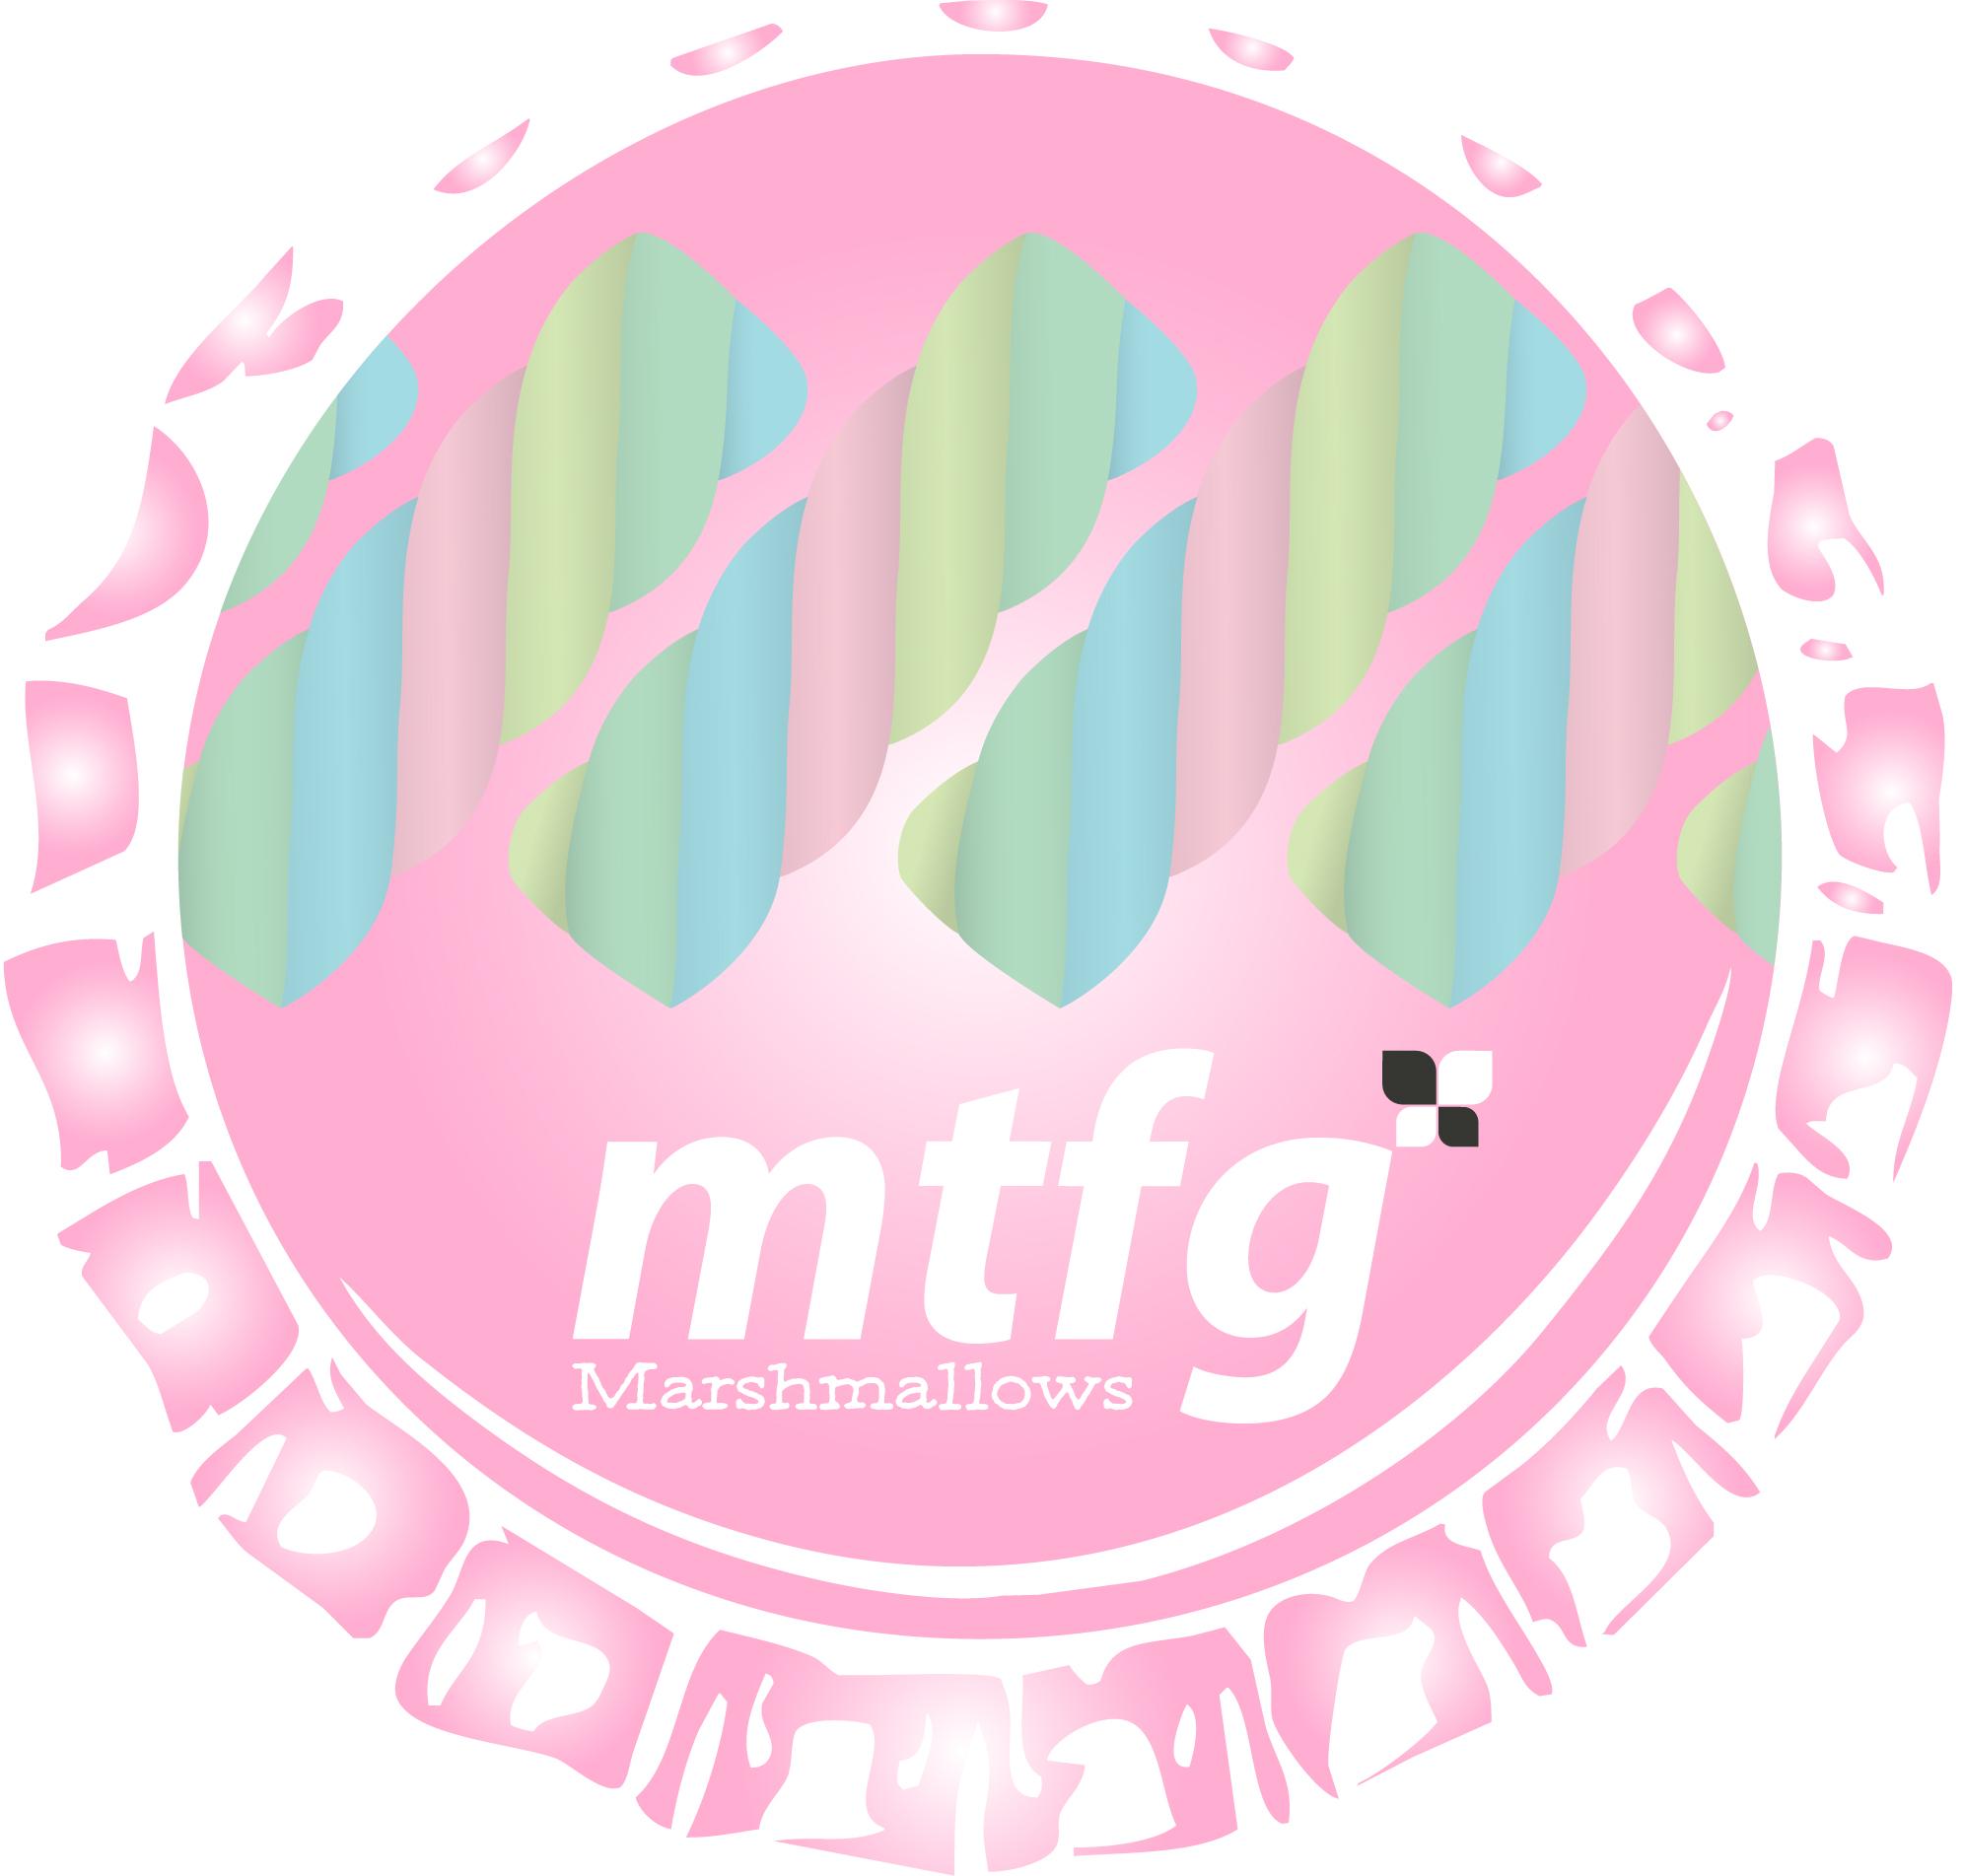 MTFG Marshmallows